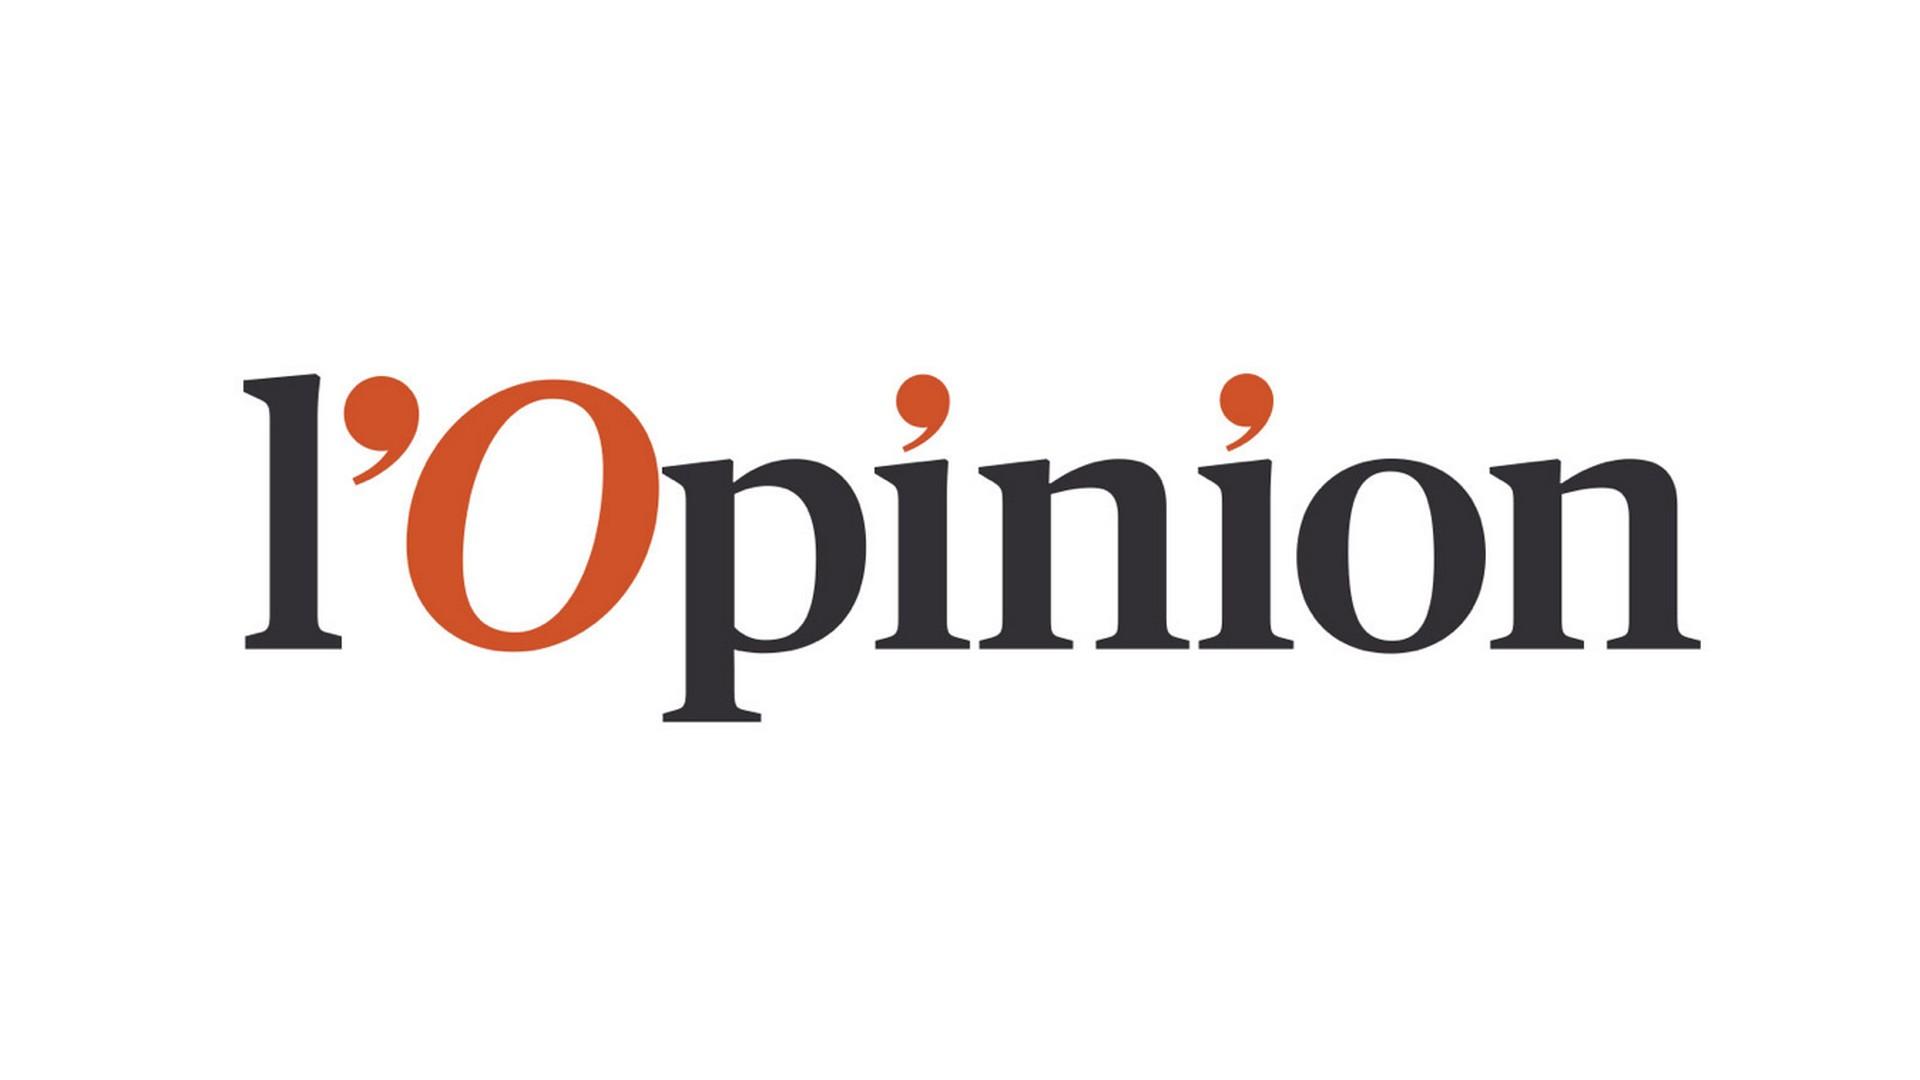 L'Opinion (1) logo